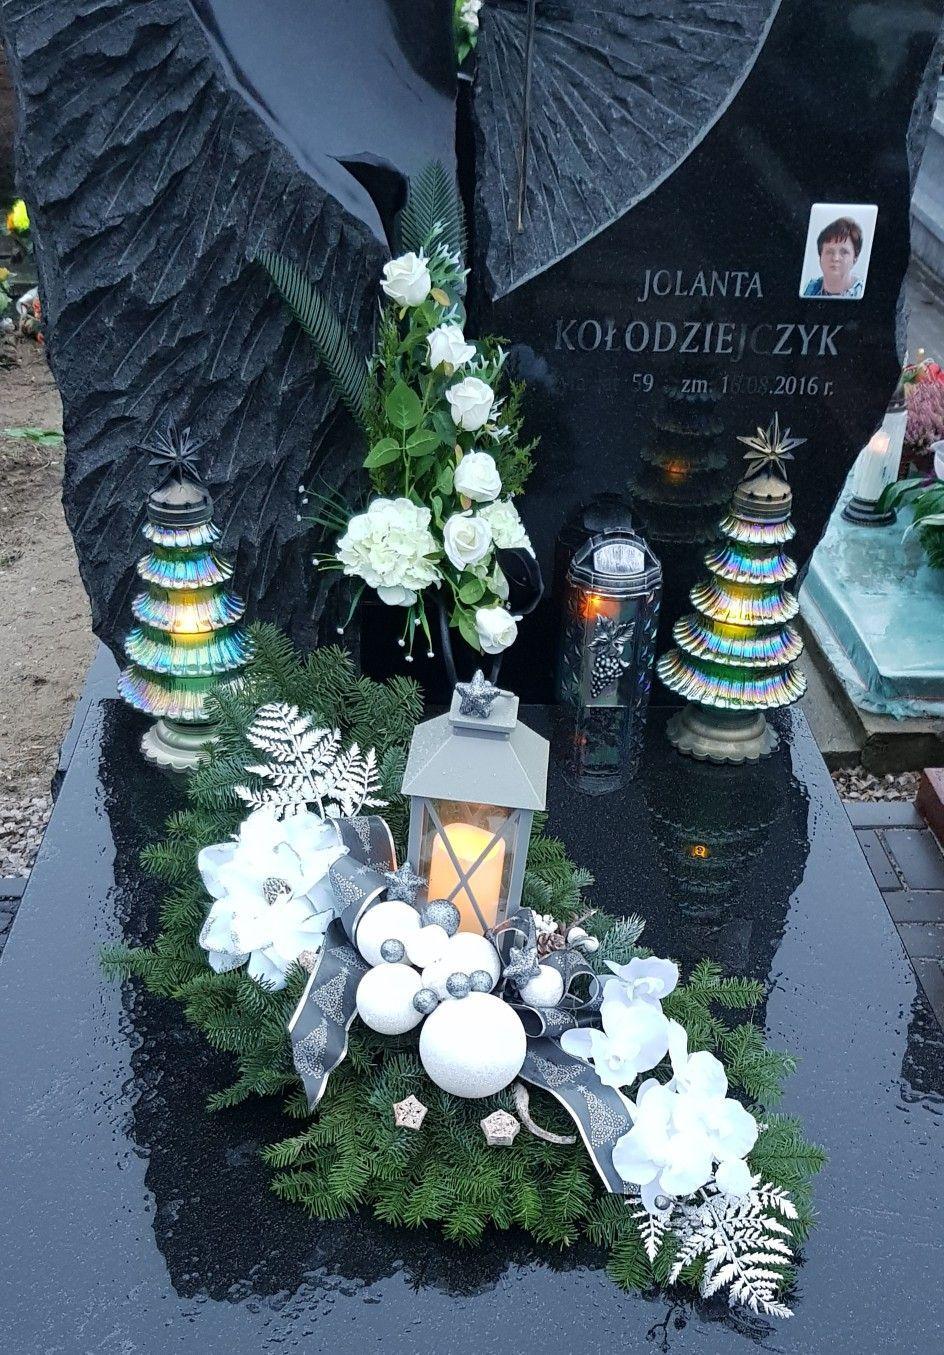 Dekoracja Nagrobna Komplet Bukiet Wiazanka Dekoracja Nagrobna Kwiaty Sztuczne Stroi Funeral Floral Church Flower Arrangements Funeral Flower Arrangements